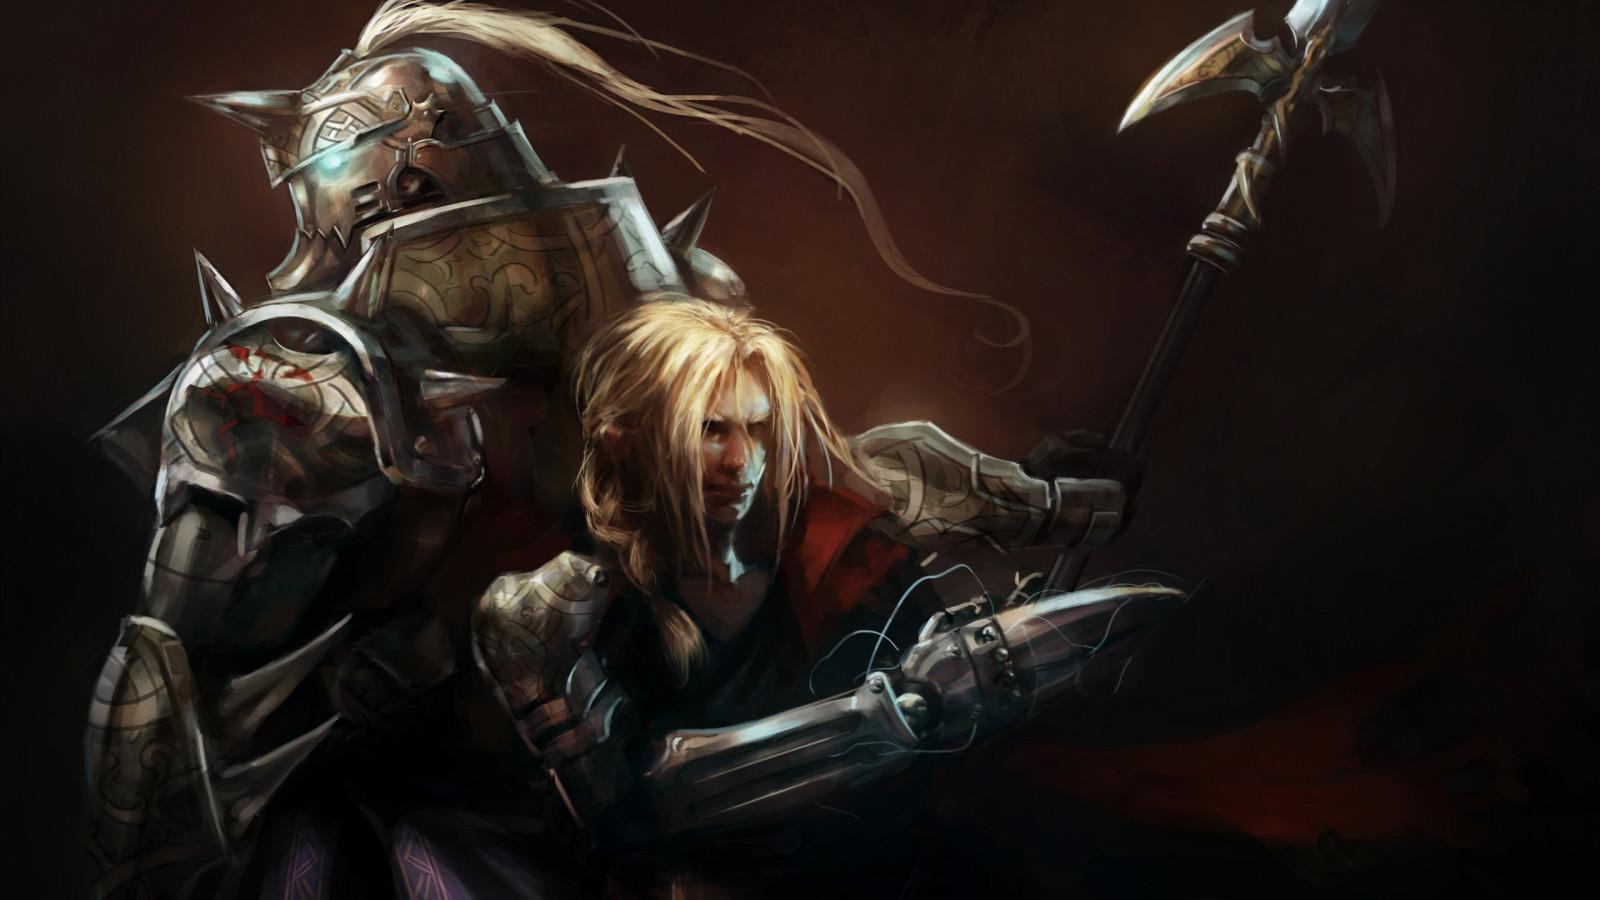 fullmetal alchemist psp game download